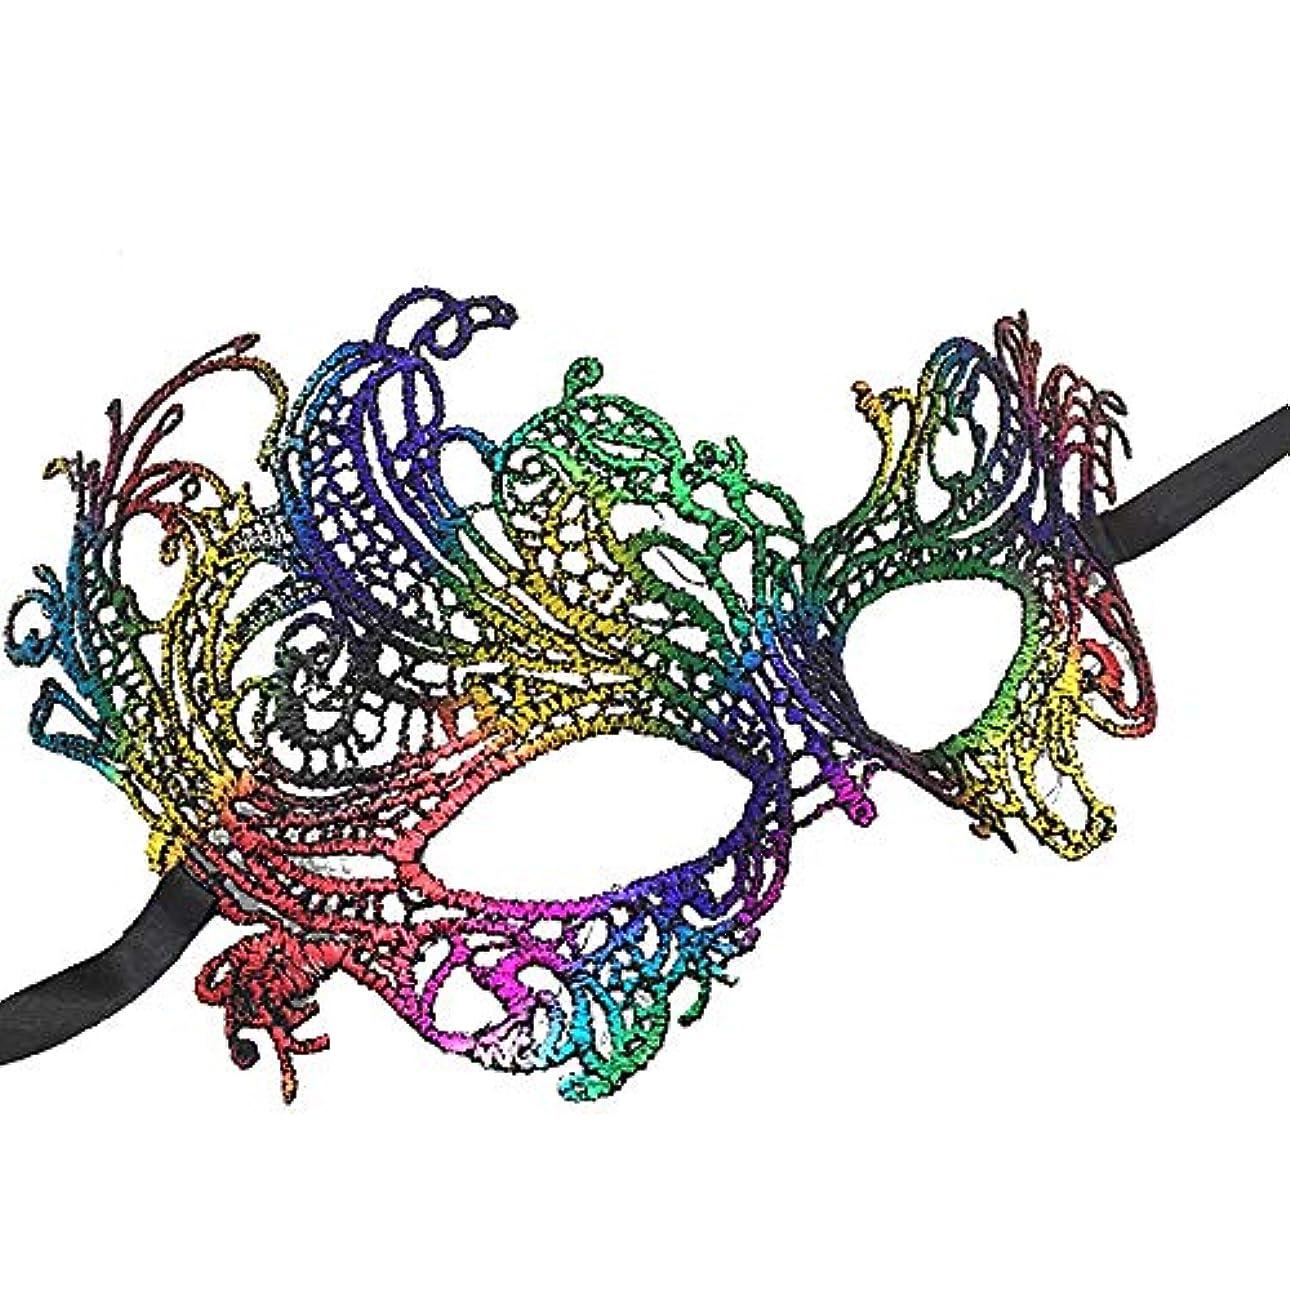 罪悪感いつか換気Auntwhale ハロウィンマスク大人恐怖コスチューム、パーティーファンシー仮装ハロウィンマスク、フェスティバル通気性ギフトヘッドマスク - カラフル